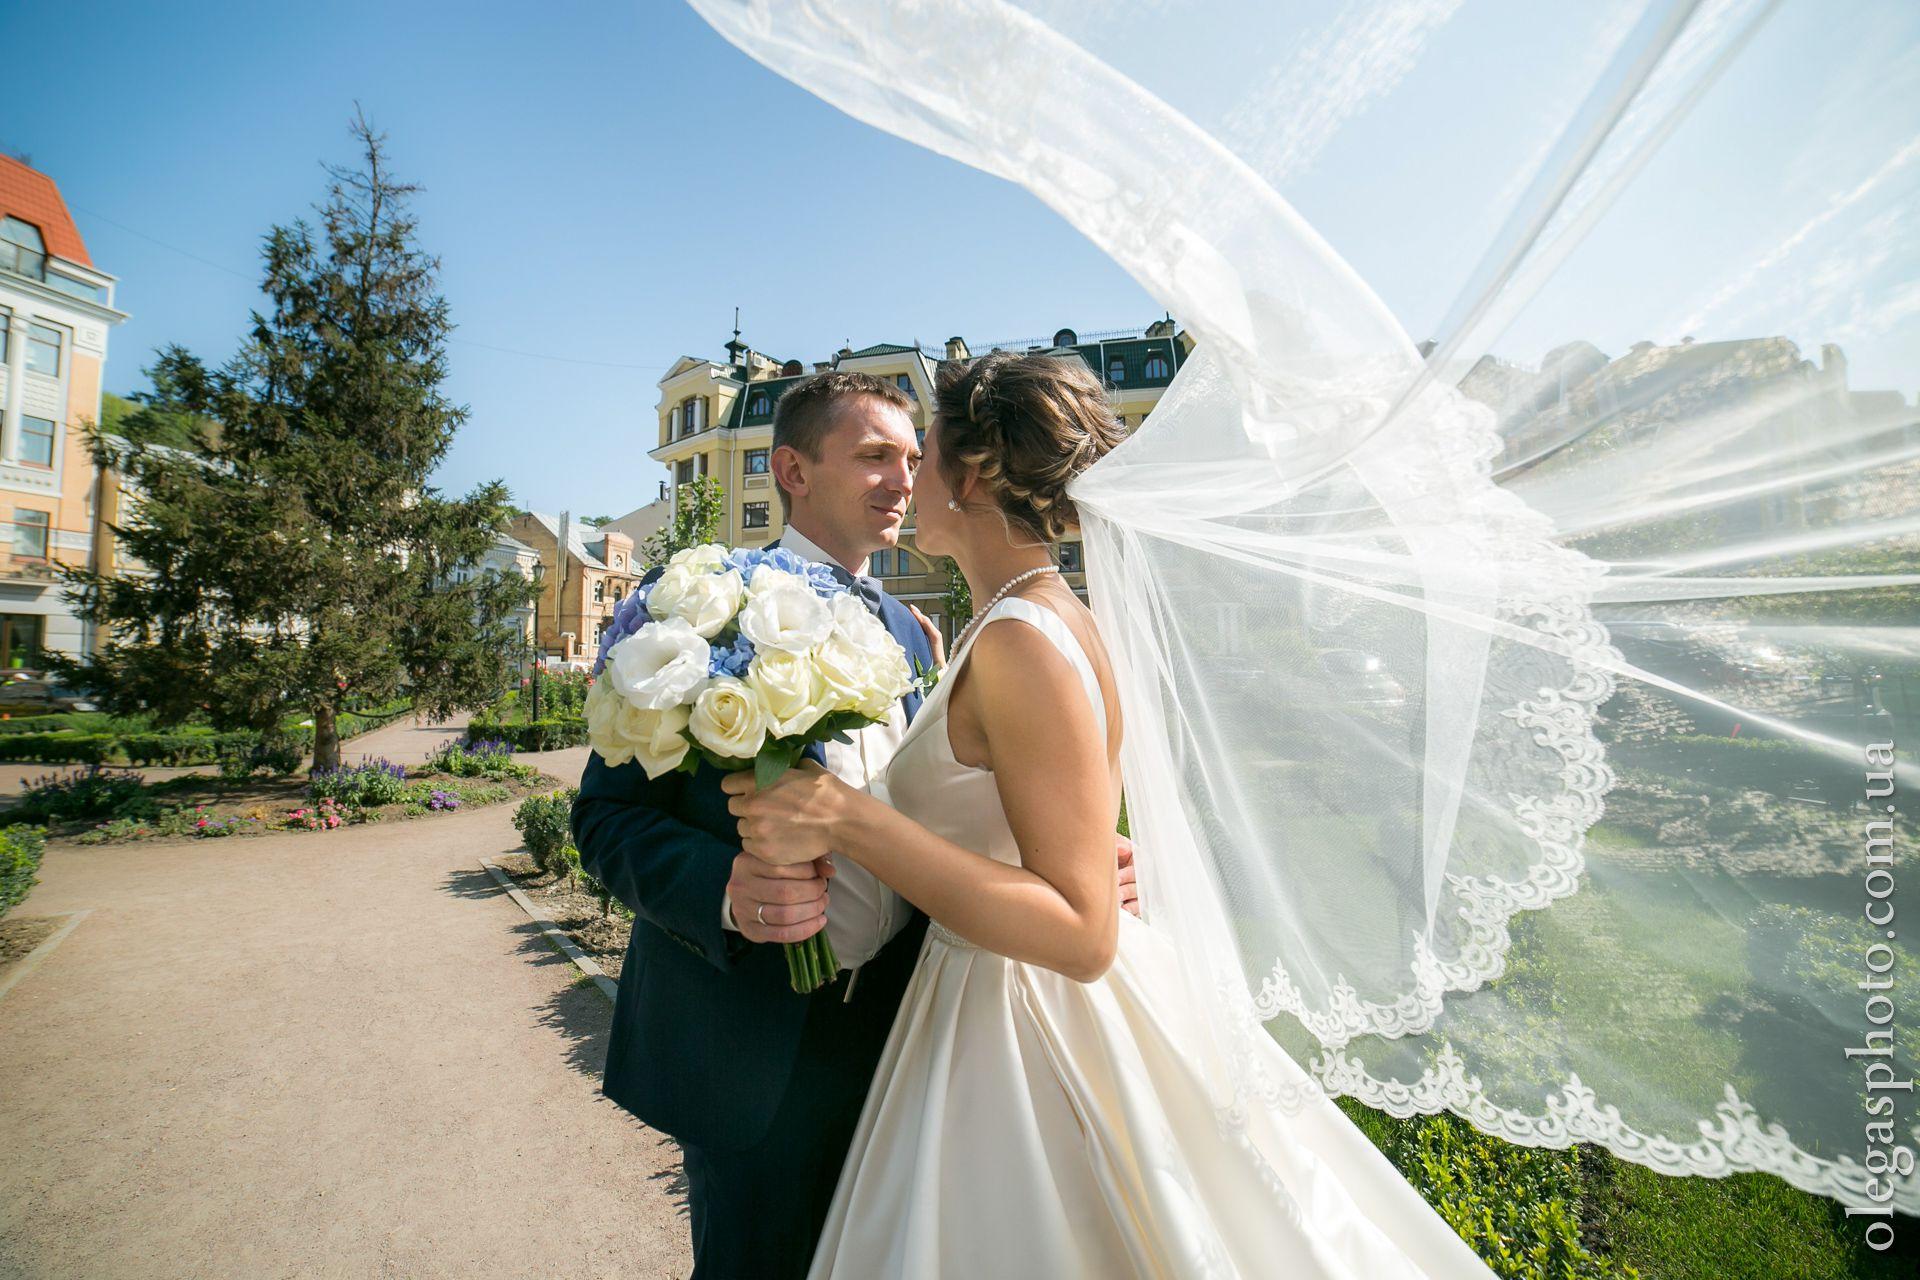 лишь том, фотографии свадеб сайт фотографов что долгая